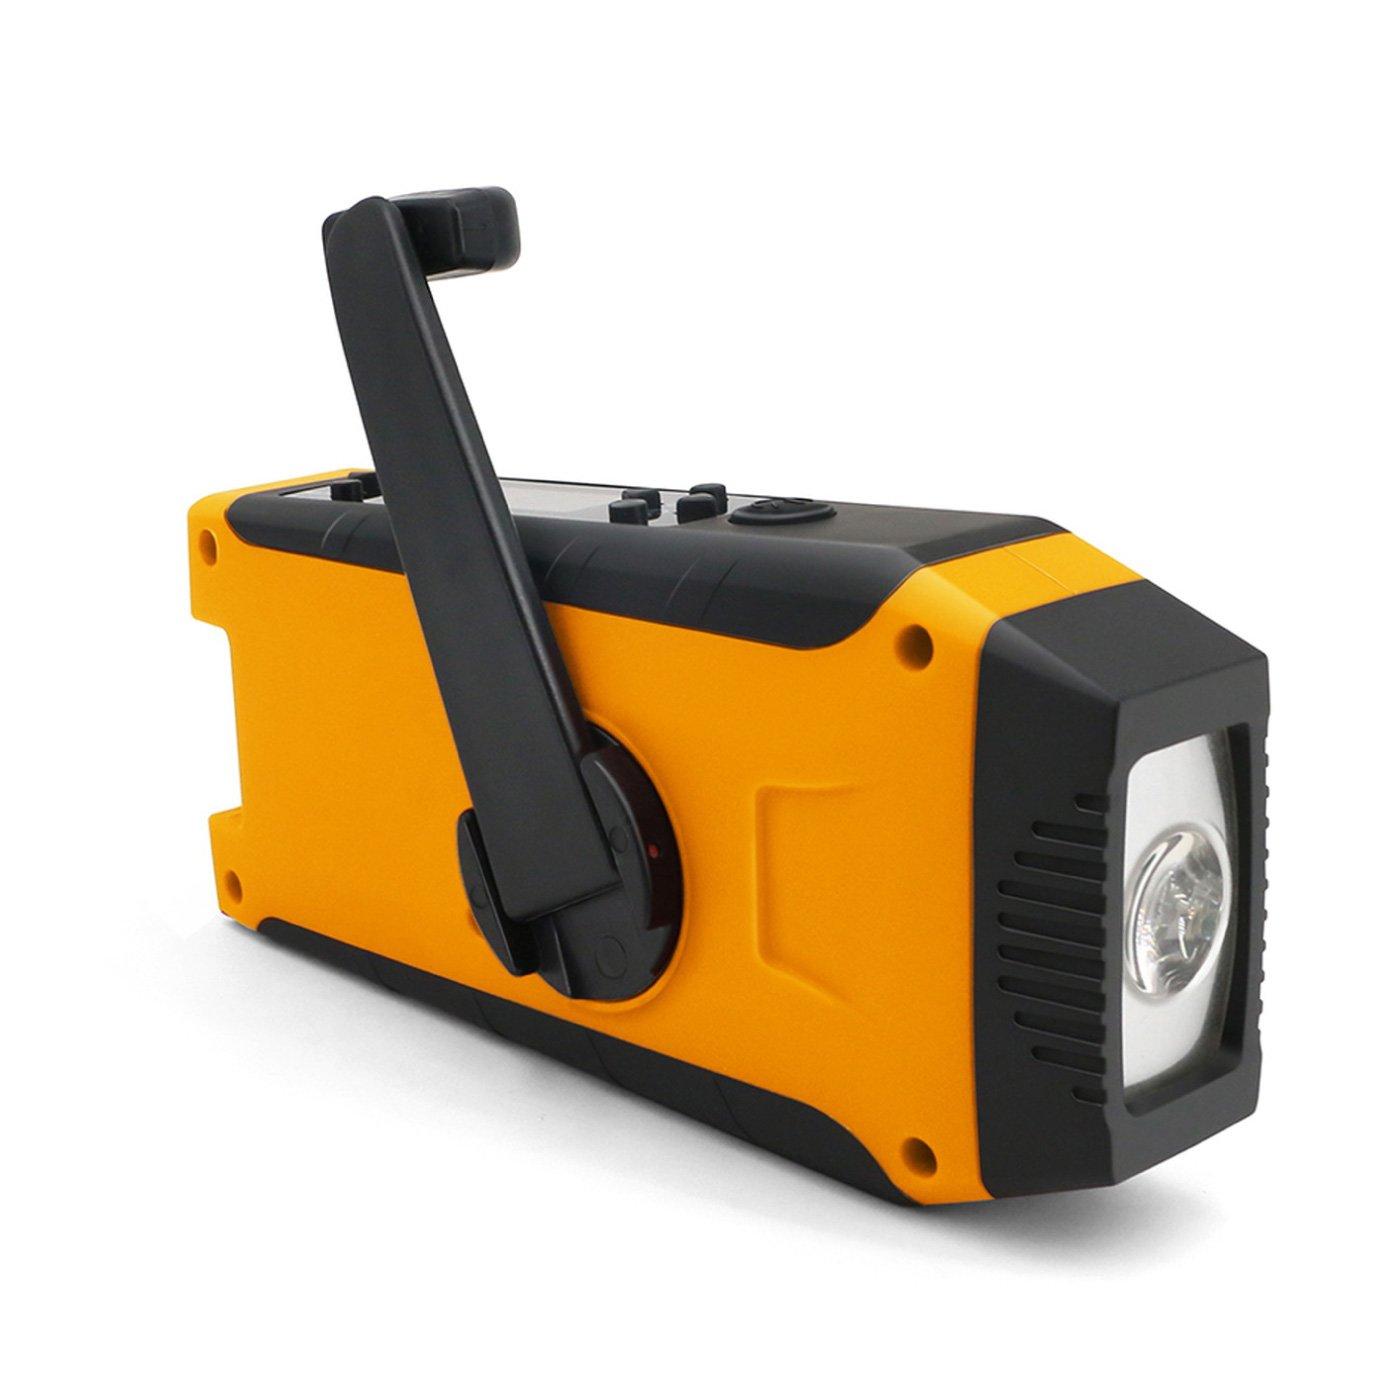 スマホの充電もできる 一台5役の防災ラジオライト